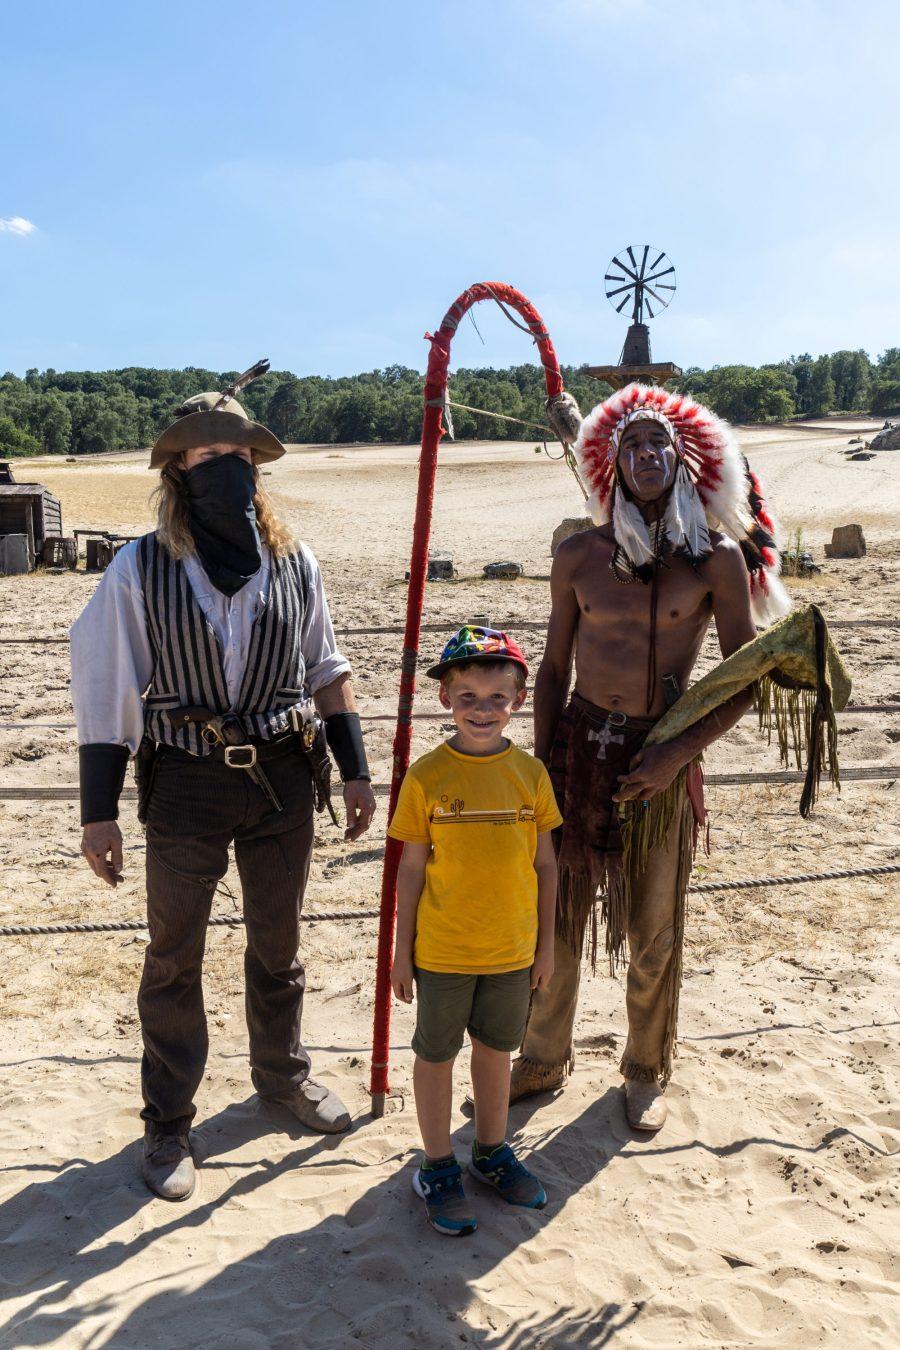 Souvenir à la Mer de Sable avec un indien et un cowboy